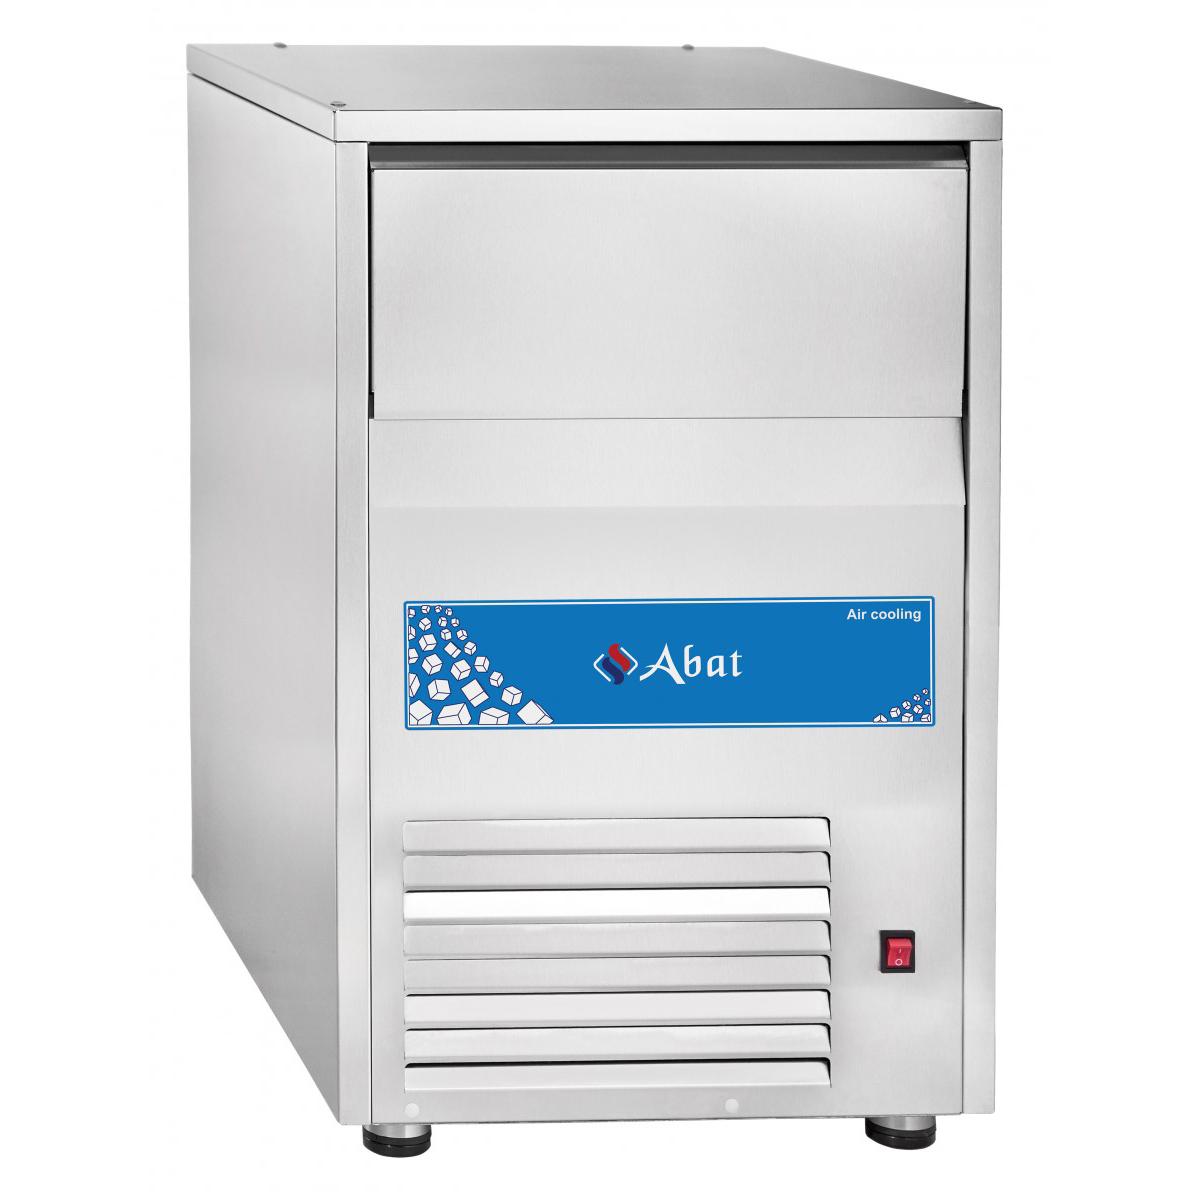 Льдогенератор ЧувашТоргТехника ЛГ-150/40Г-02 (воздушное охлаждение)